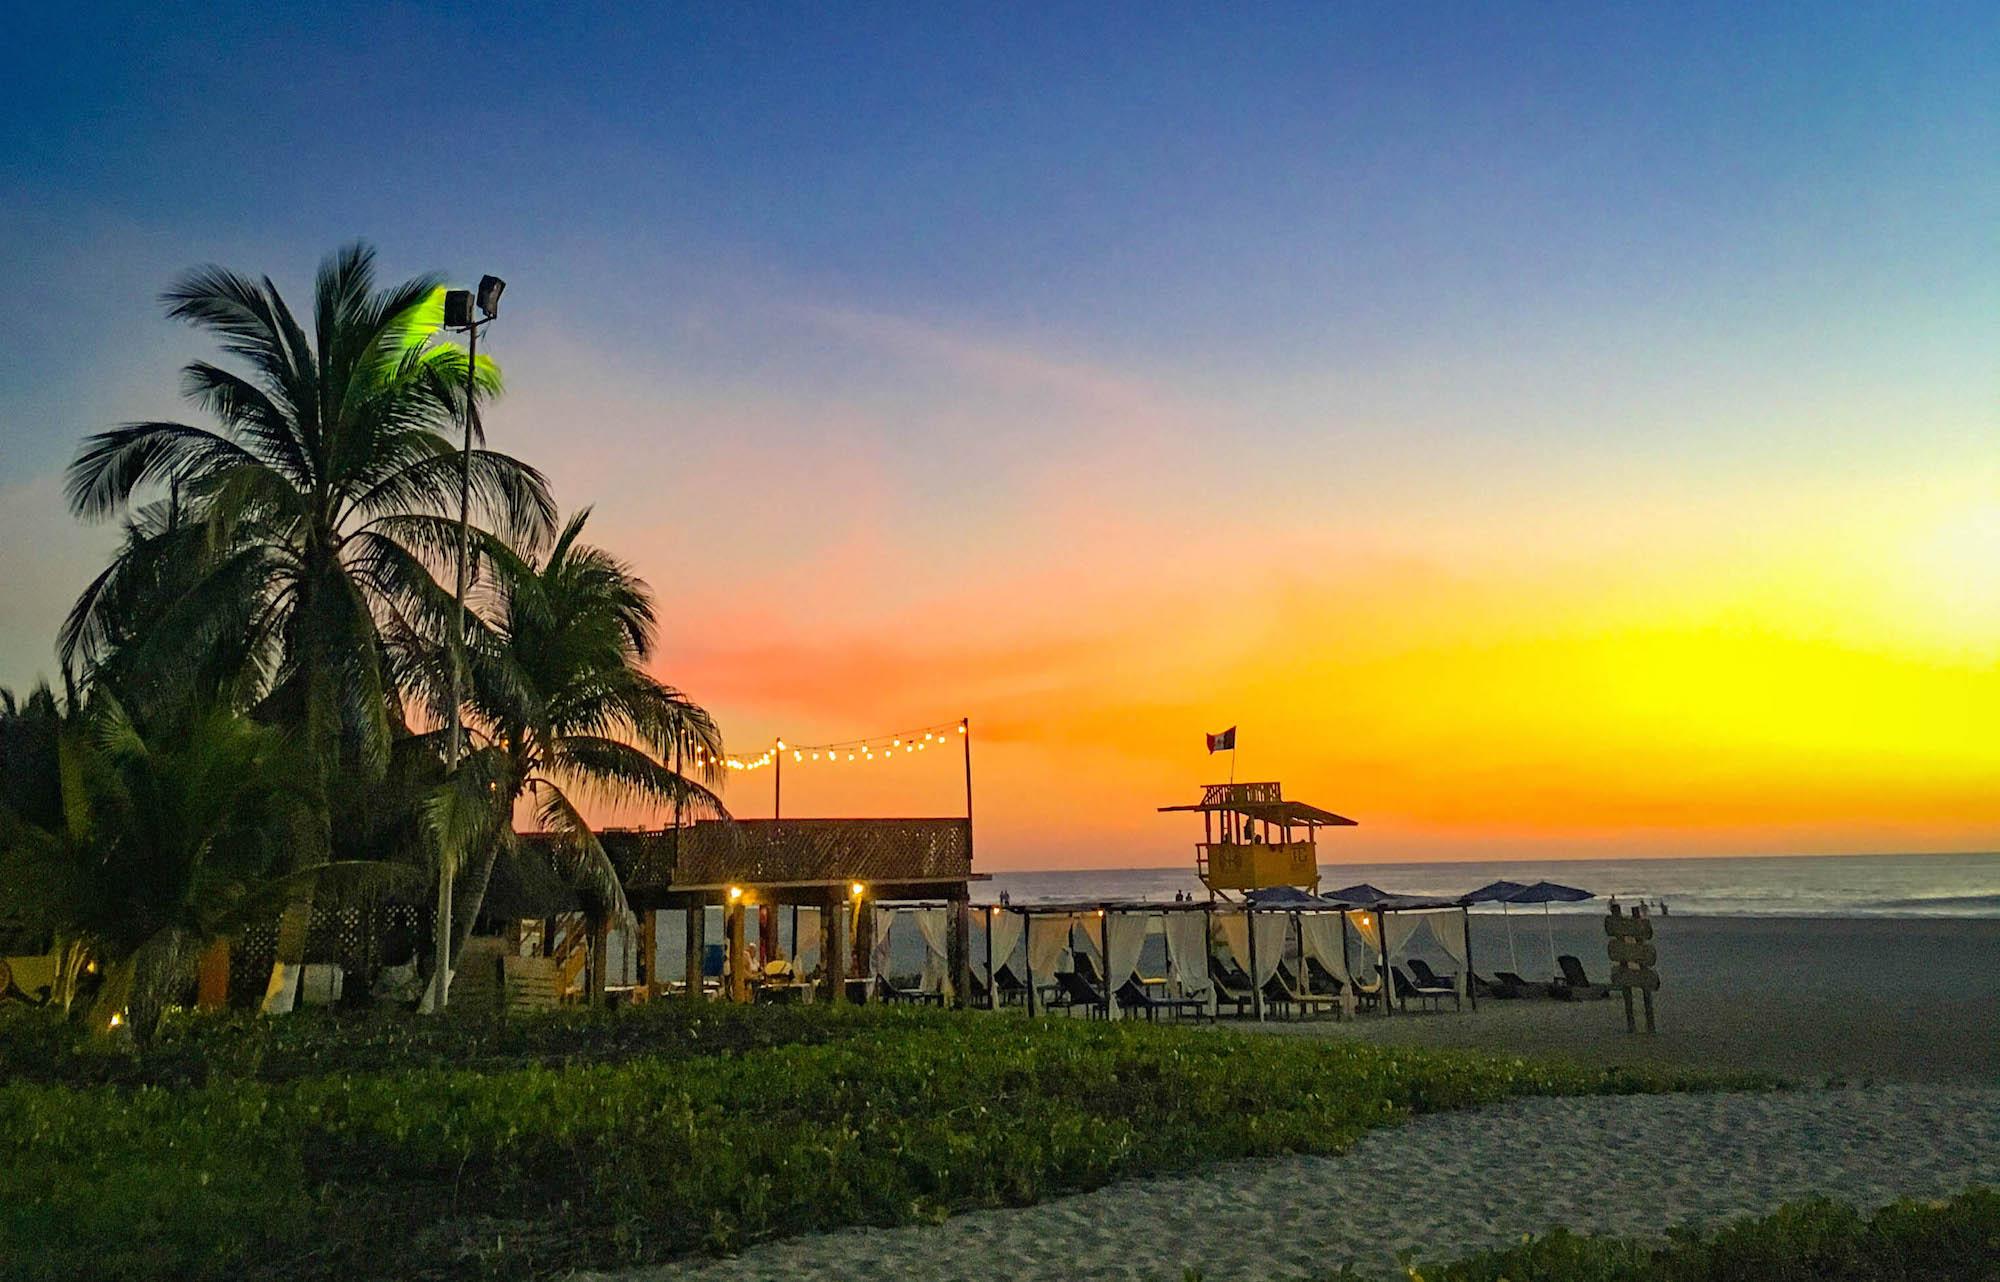 Zicatela restaurant in Puerto Escondido